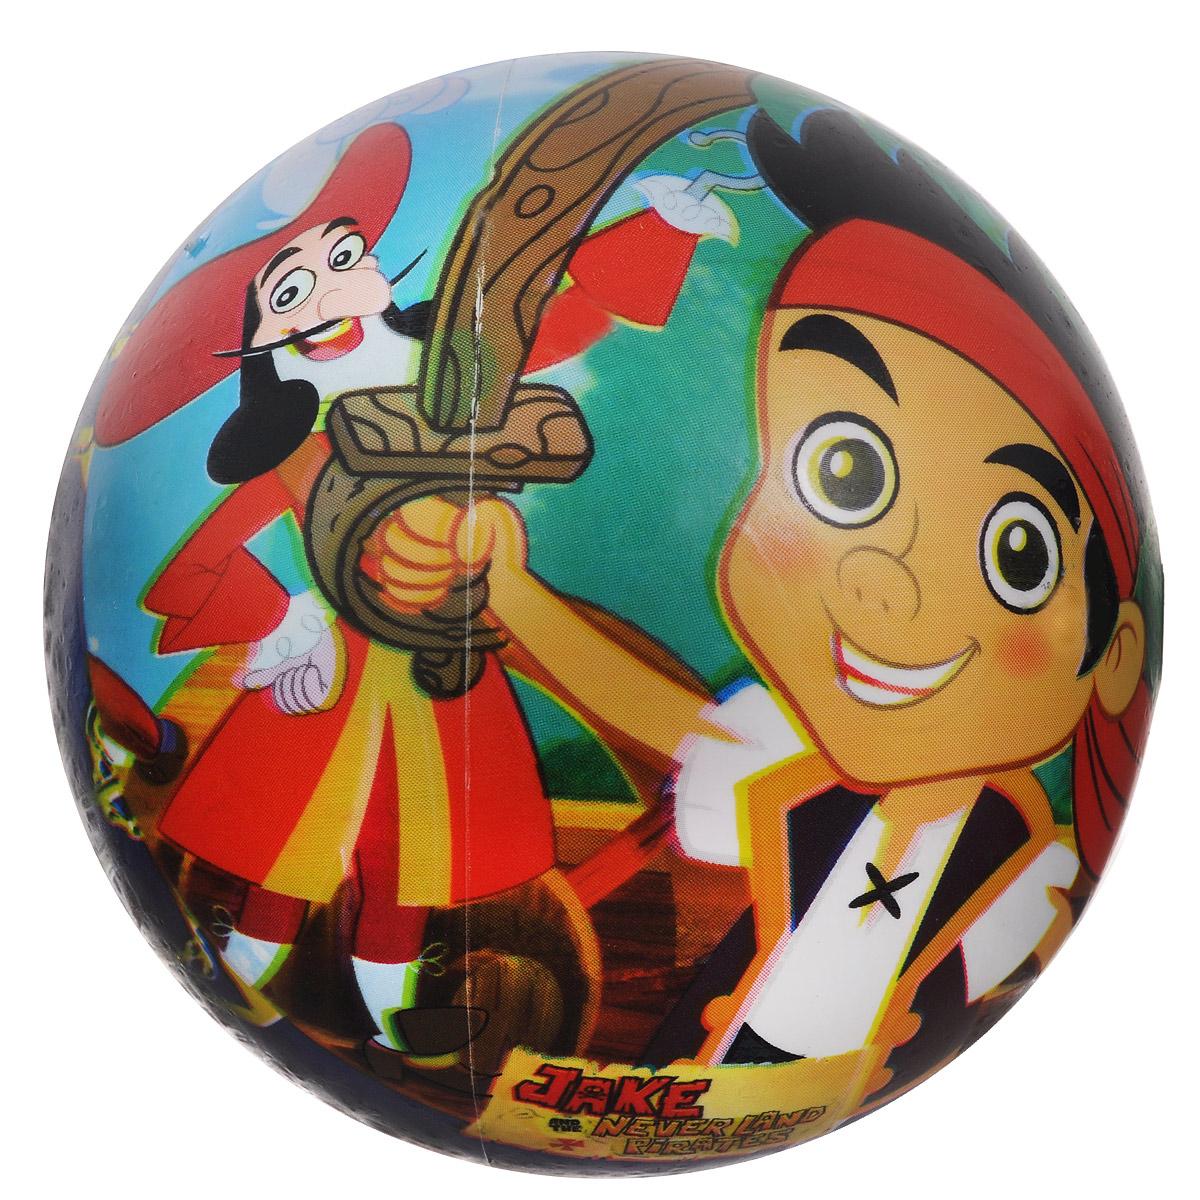 Мяч Mondo Джейк и Пираты Нетландии, 11 см, в ассортименте05/936Мяч Mondo Джейк и Пираты Нетландии непременно понравится вашему малышу. Маленький мячик Джейк и Пираты Нетландии изготовлен из полимерного материала высокого качества. Мячик отличается высокой износостойкостью и прекрасным качеством принта - изображение не стирается и не выцветает долгое время. Мячик оформлен красочными изображениями из популярного детского мультика про смелого и веселого мальчика, который отправился противостоять пиратам. Игра в мяч - отличное решение для непоседливого ребенка, чтобы направить его энергию в нужное русло! С универсальным резиновым мячом всегда найдется масса вариантов для игр: его можно катать, бросать в кольцо, играть в футбол, волейбол и другие активные игры. Занятия с мячом развивают координацию и ловкость, а кроме того способствуют социализации и развитию навыков общения со сверстниками. УВАЖАЕМЫЕ КЛИЕНТЫ! Товар поставляется в ассортименте. Поставка осуществляется в одном из приведенных вариантов в зависимости...